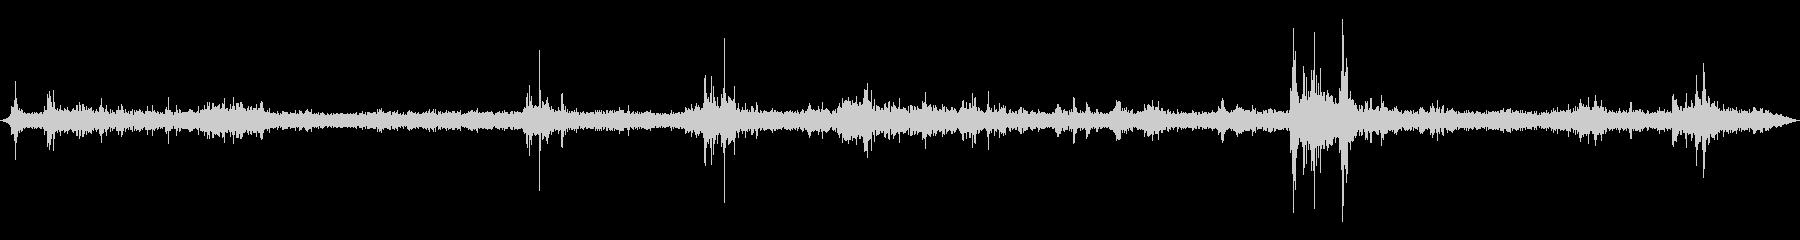 環境音 - 雷雨(ゲリラ豪雨・遠雷)の未再生の波形